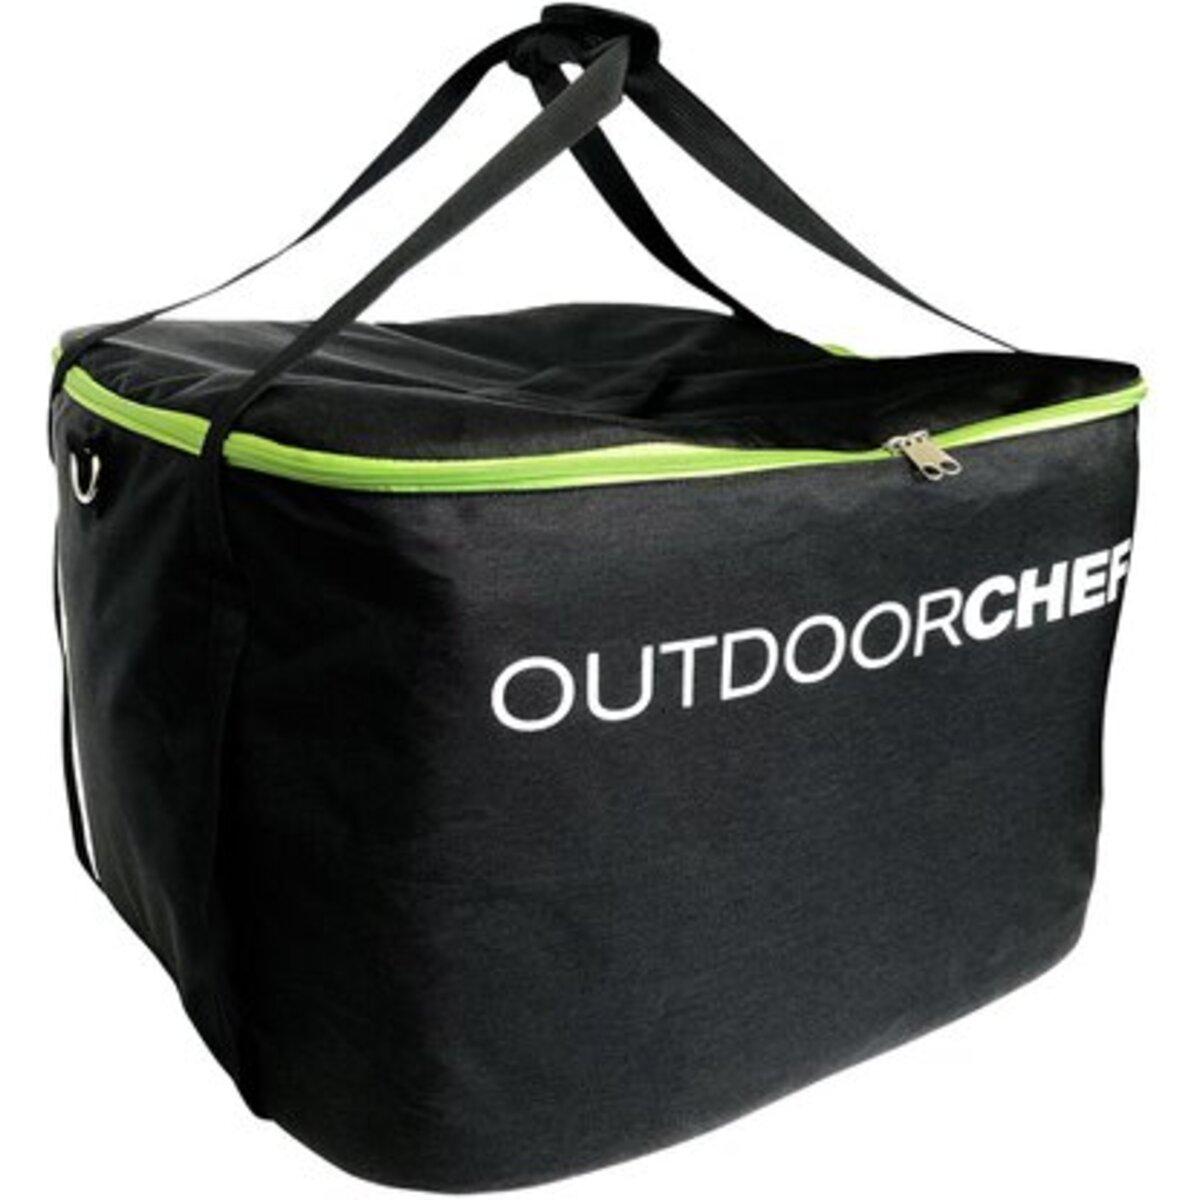 Bild 2 von Outdoorchef BUNDLE Camping Bag mit Gasgrill Chelsea 420 G Schwarz Ø 42 cm / 18.1